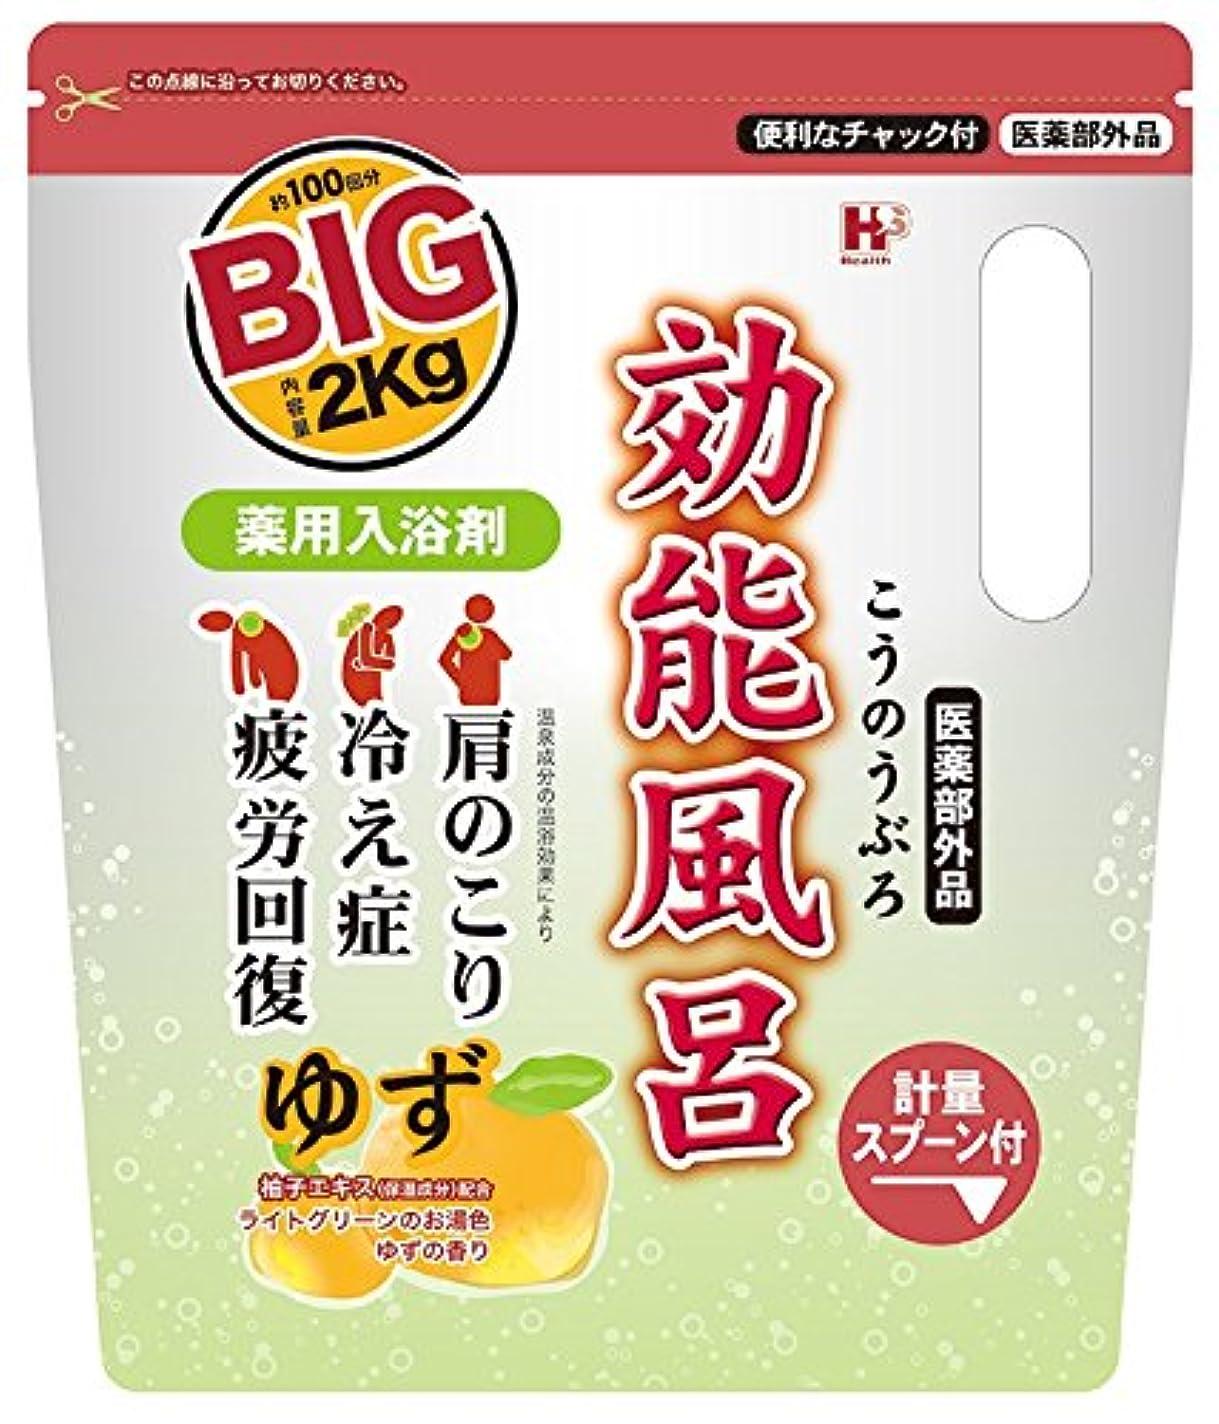 タオル部割合薬用入浴剤 効能風呂 ゆずの香り BIGサイズ 2kg [医薬部外品]